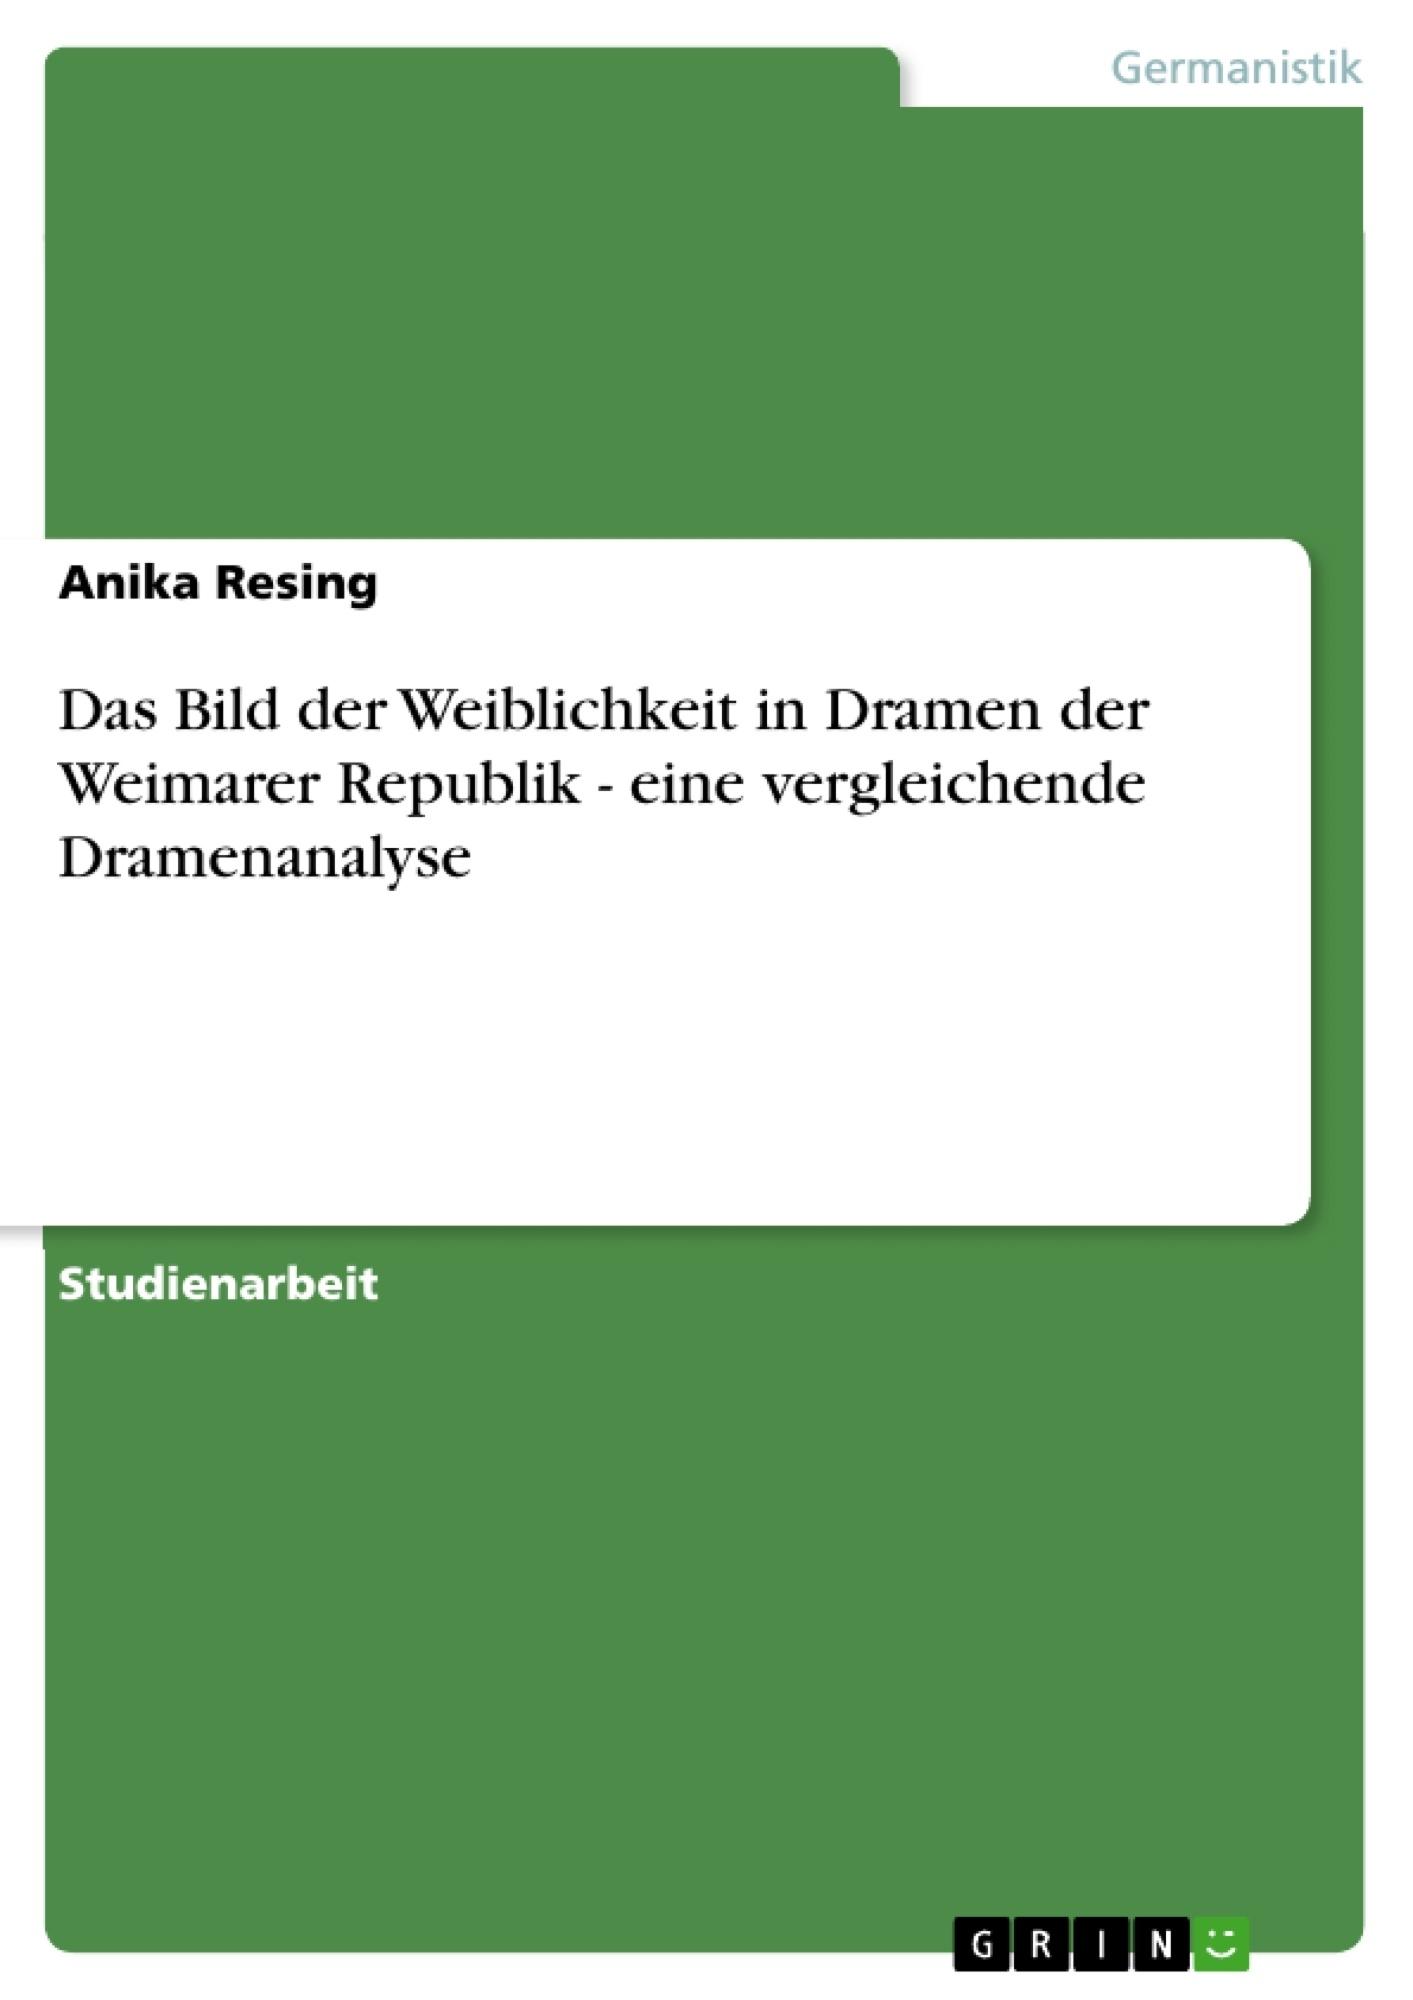 Titel: Das Bild der Weiblichkeit in Dramen der Weimarer Republik - eine vergleichende Dramenanalyse